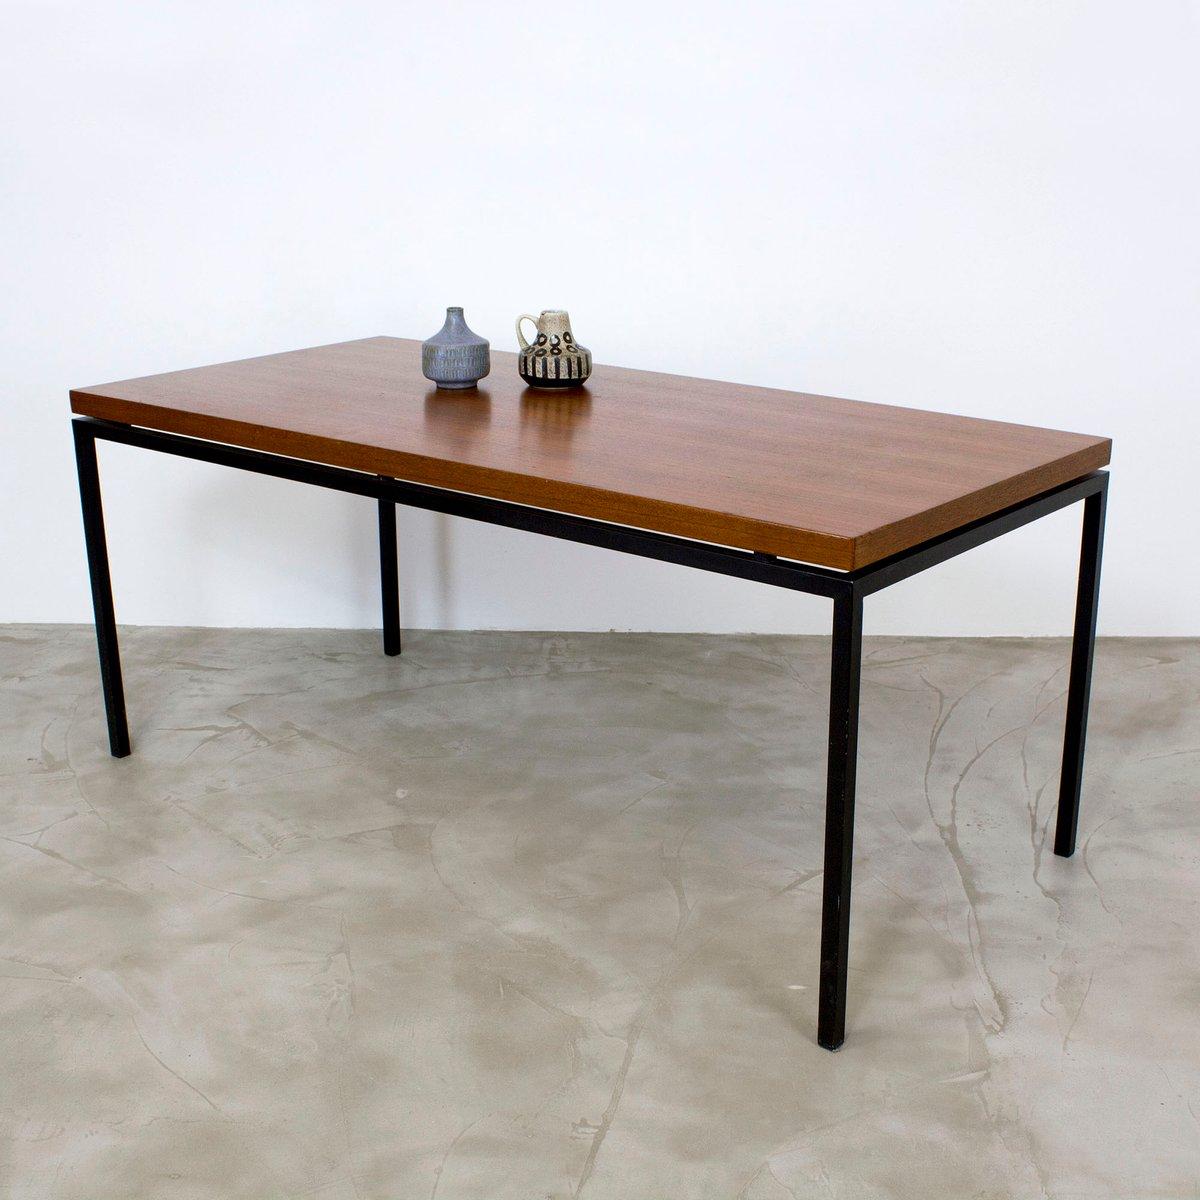 Mid-Century Teak Veneer Coffee Table, 1960s For Sale At Pamono